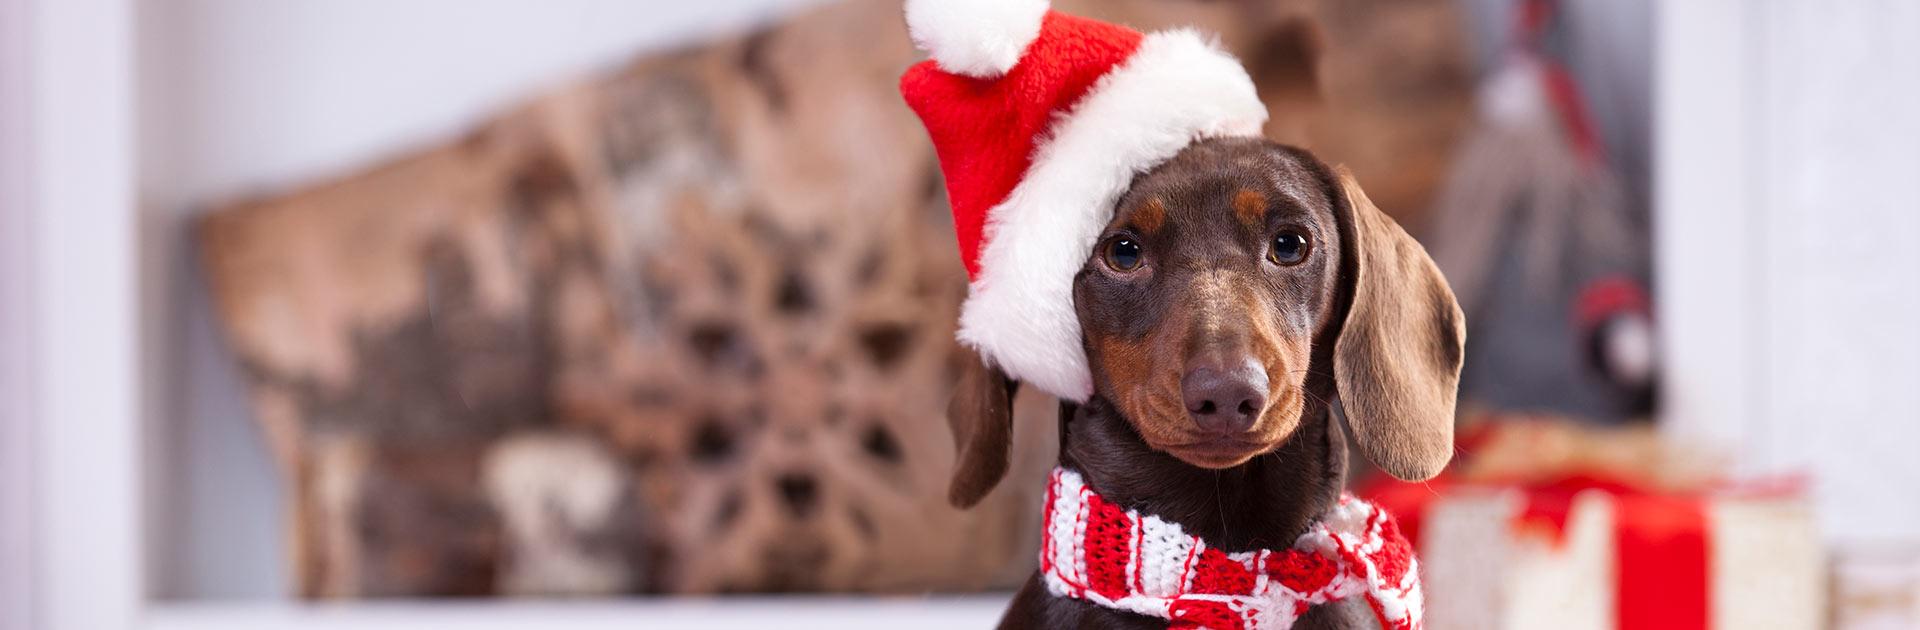 Festive sausage dog